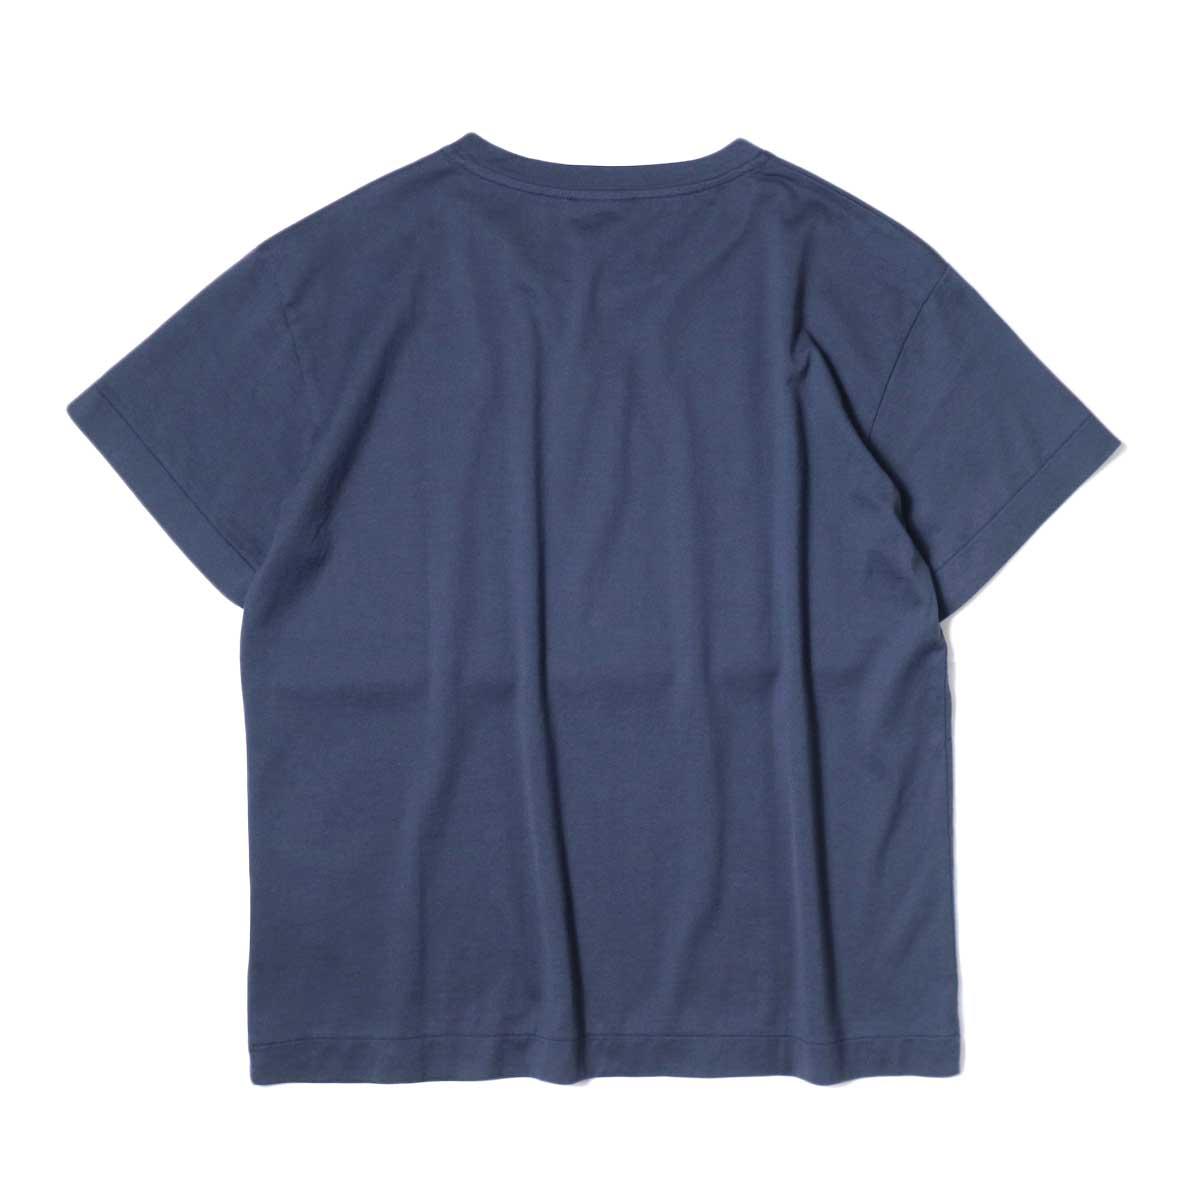 A.P.C. / Jade Tシャツ (Navy) 背面